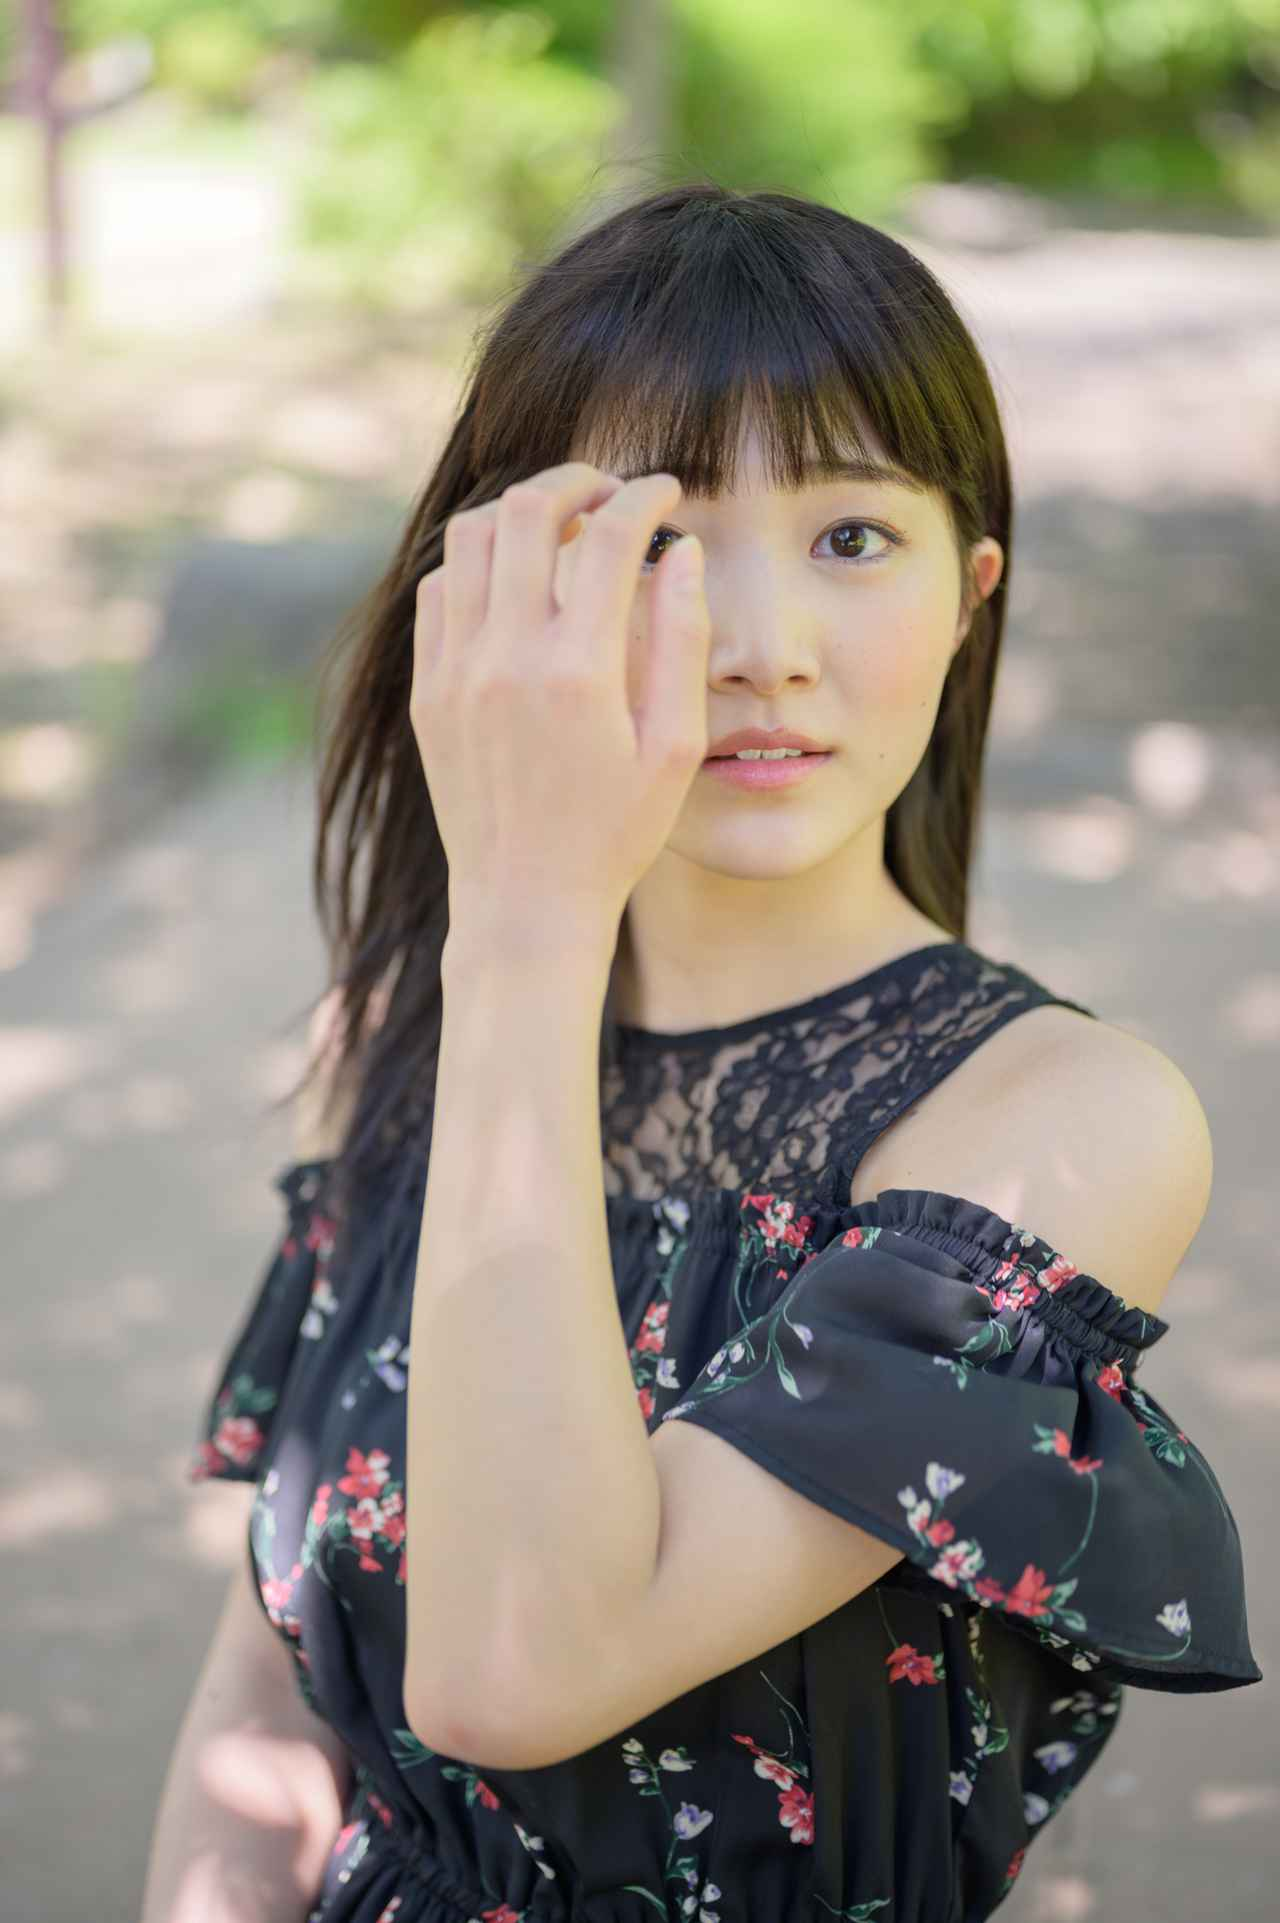 画像: Nikon Z 6 + NIKKOR Z 50mm f/1.8S 1/250 f1.8 ISO100 WB:5000